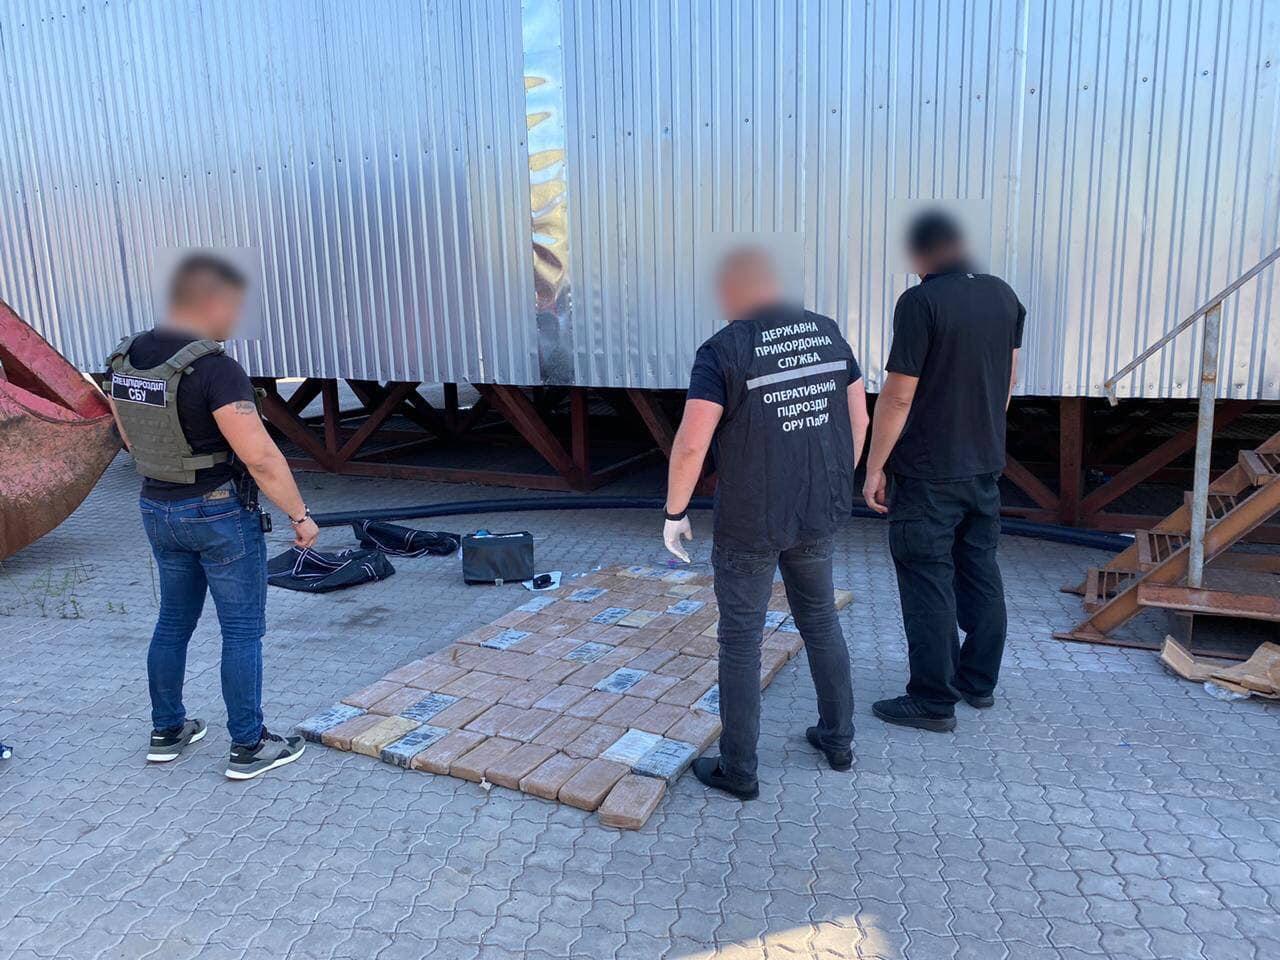 «Кокс» у бананах: до України морем завезли 112 кг наркотиків -  - 119076591 206454760869676 30148935390110424 o